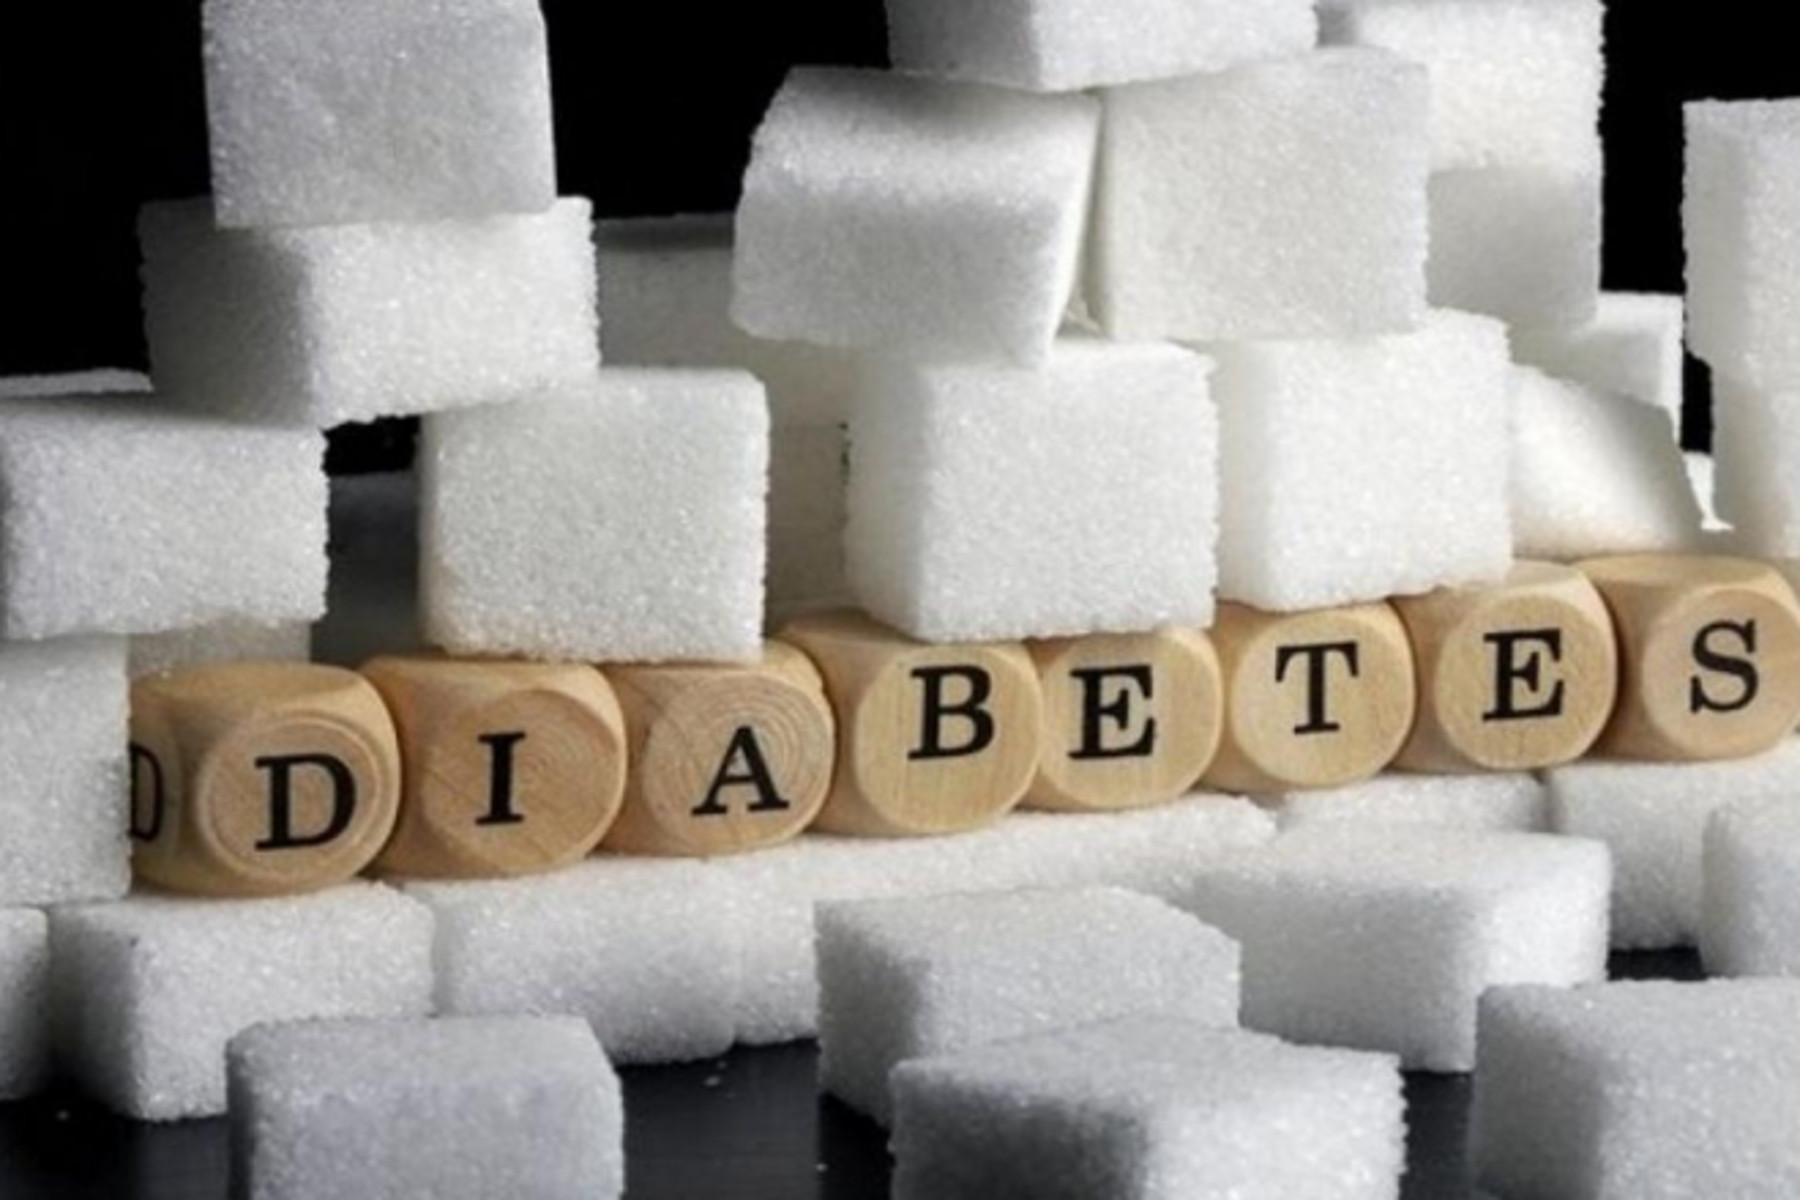 Σύλλογος Διαβητικών Αθήνας: Δεύτερη επιστολή στο Υπουργείο Υγείας